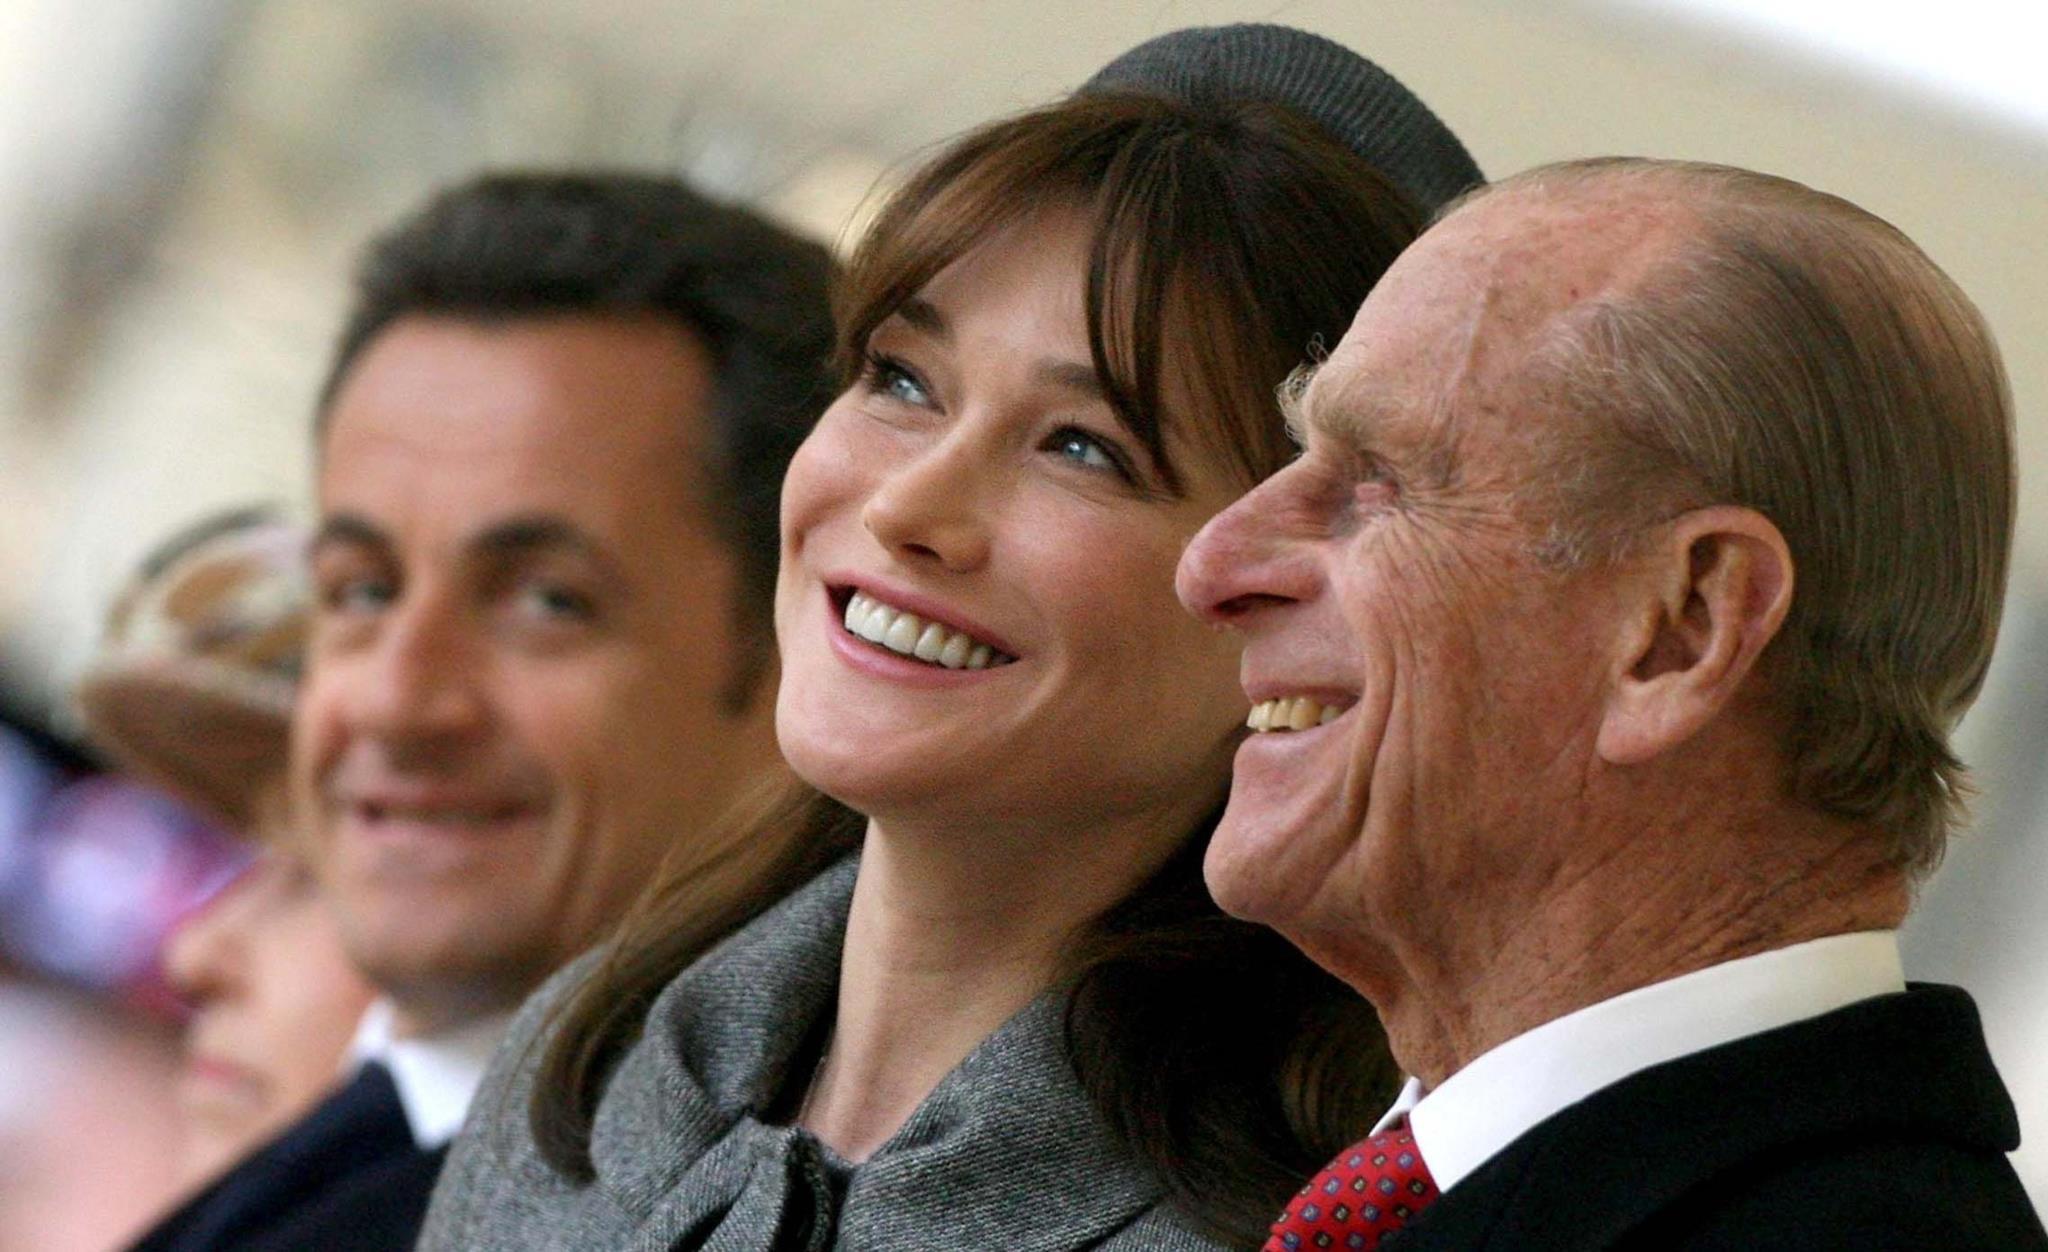 Numa visita oficial do Presidente e da primeira-dama franceses em 2008, Nicolas Sarkozy e Carla Bruni